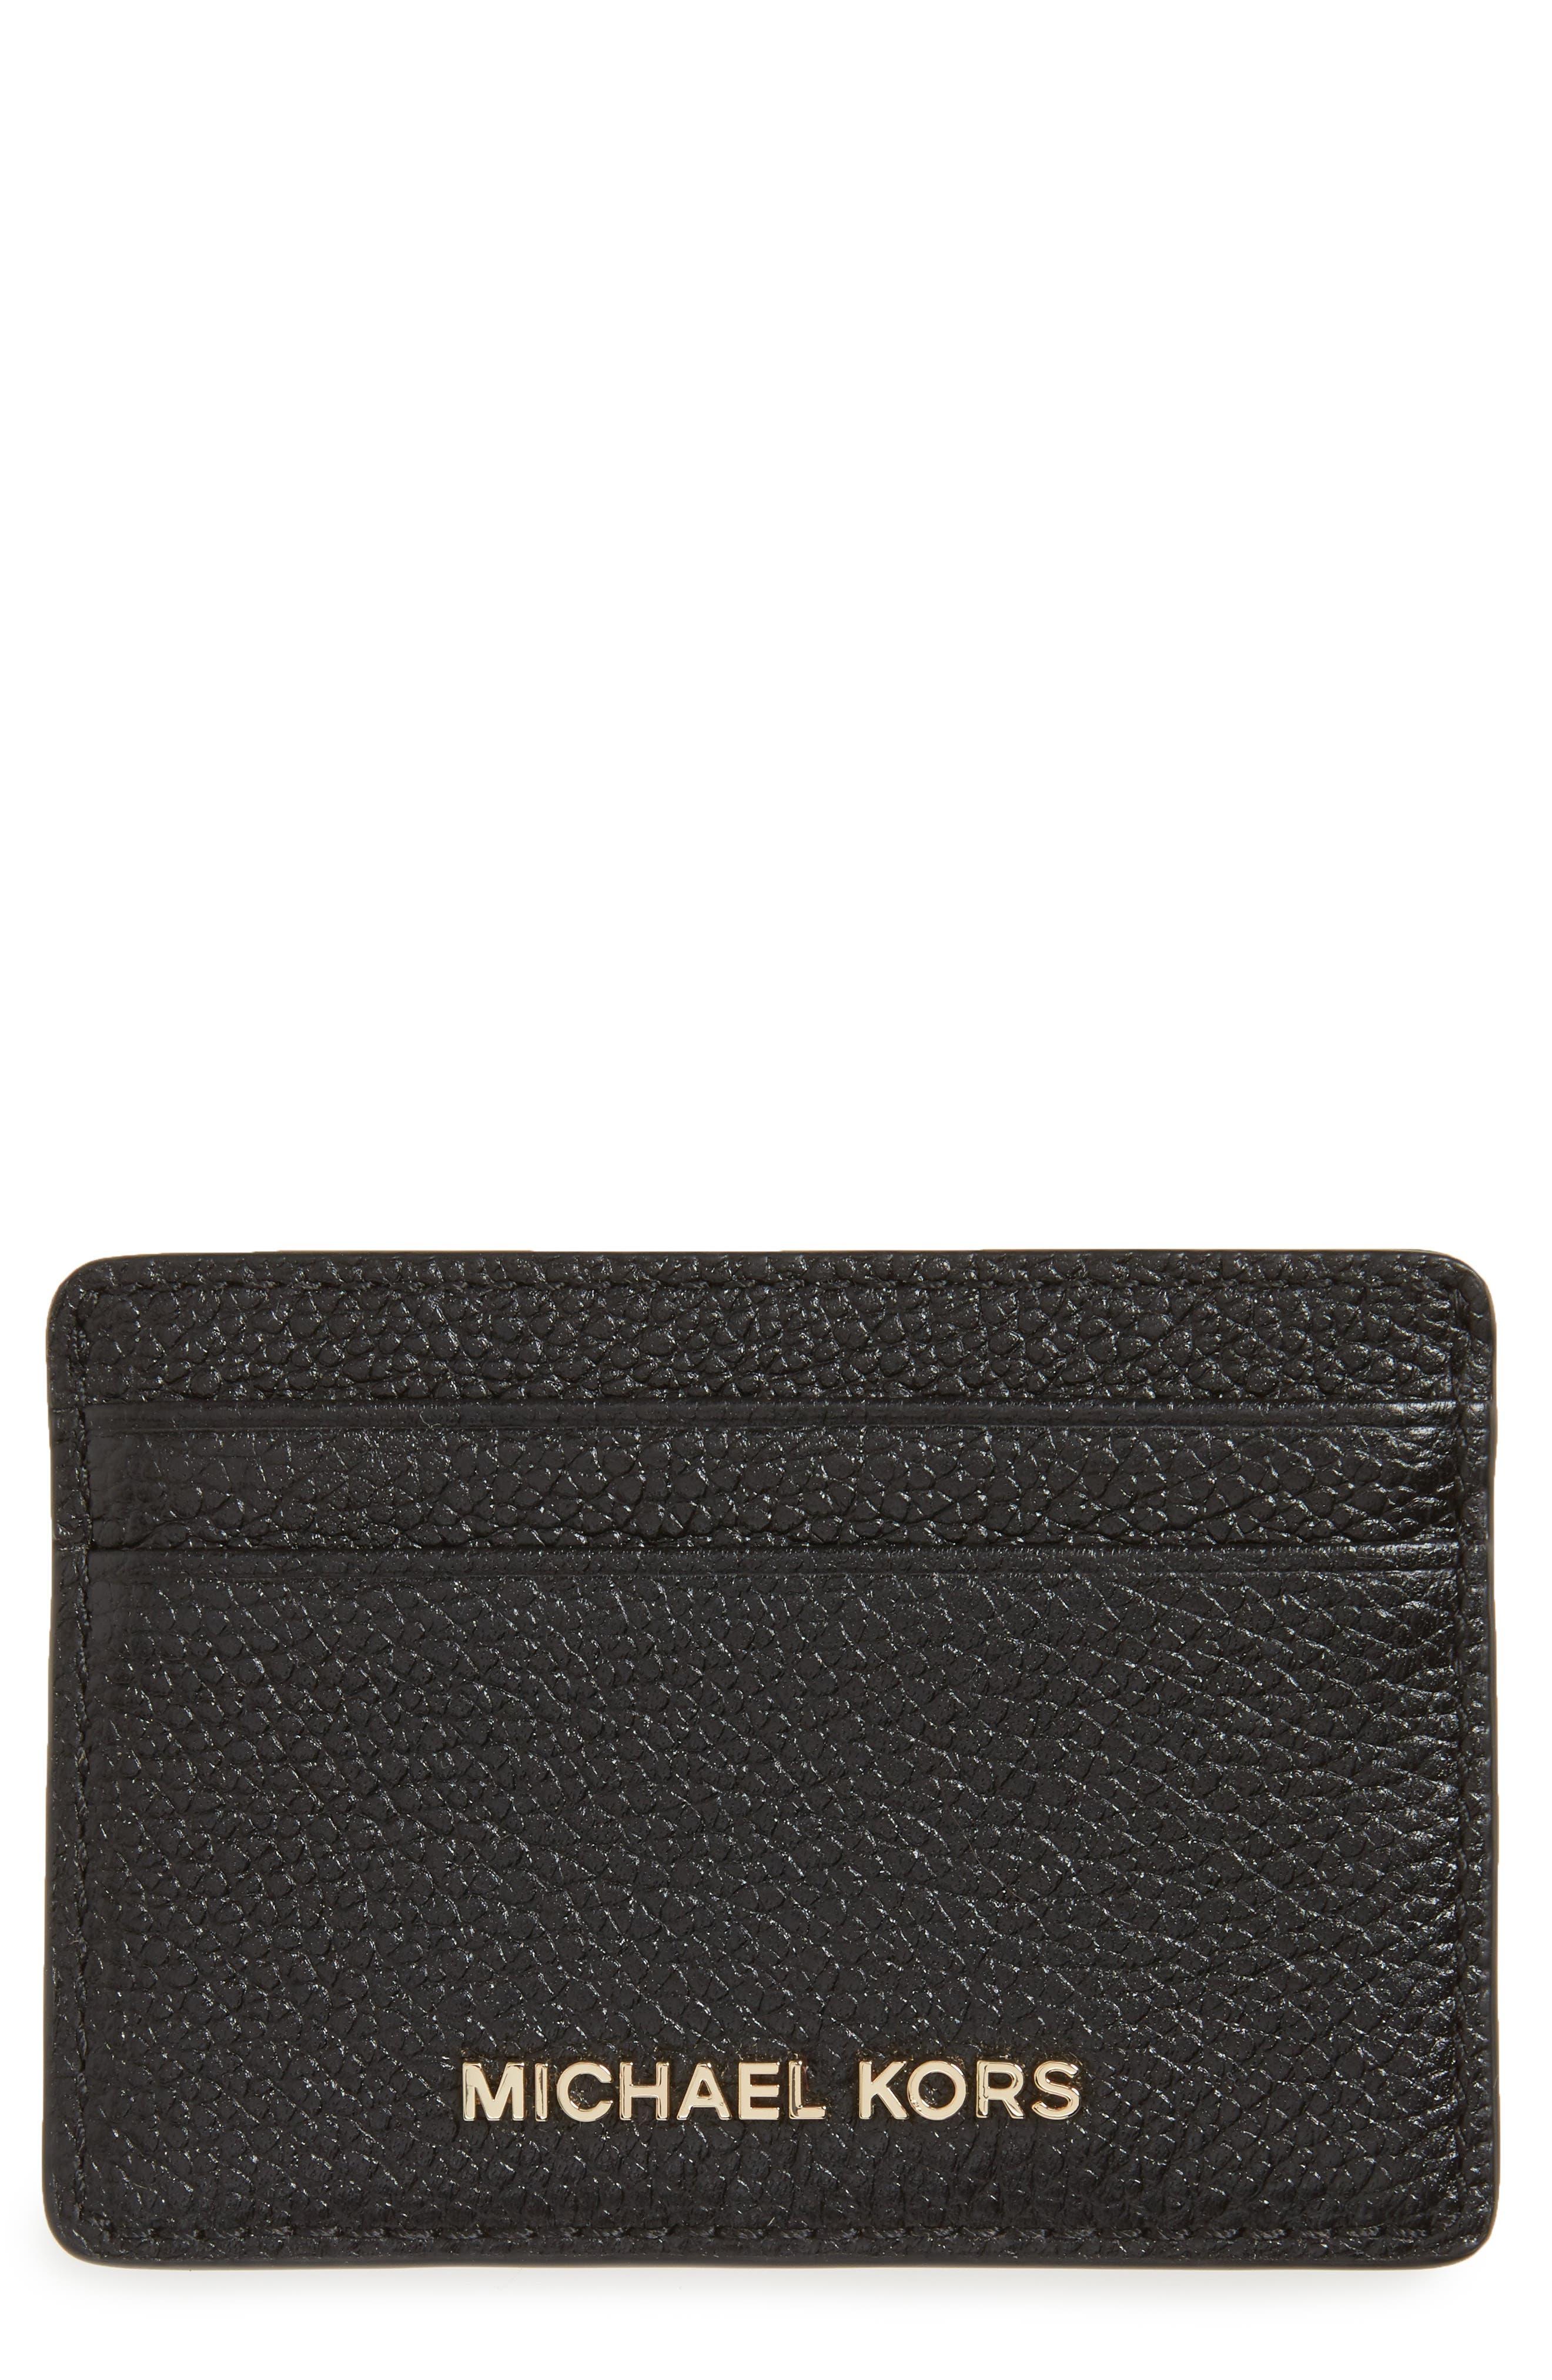 Money Pieces Leather Card Case,                         Main,                         color, Black